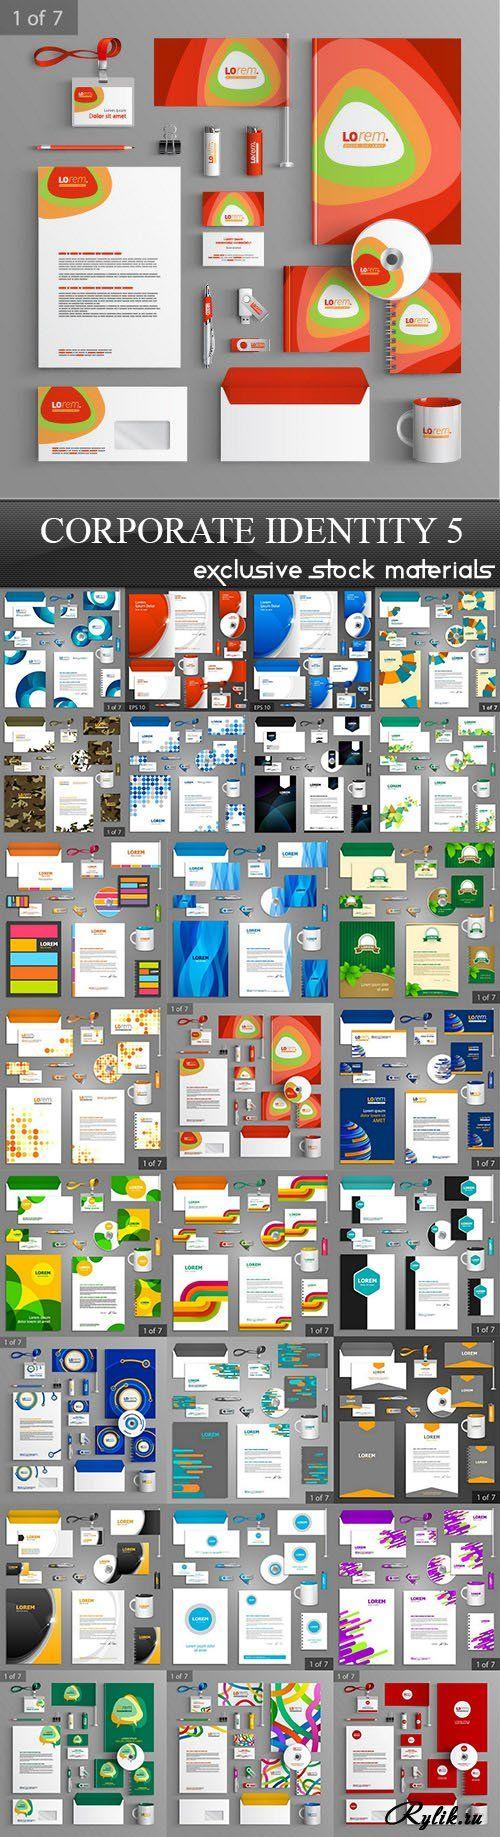 Фирменный, корпоративный стиль - стильные векторные бизнес шаблоны